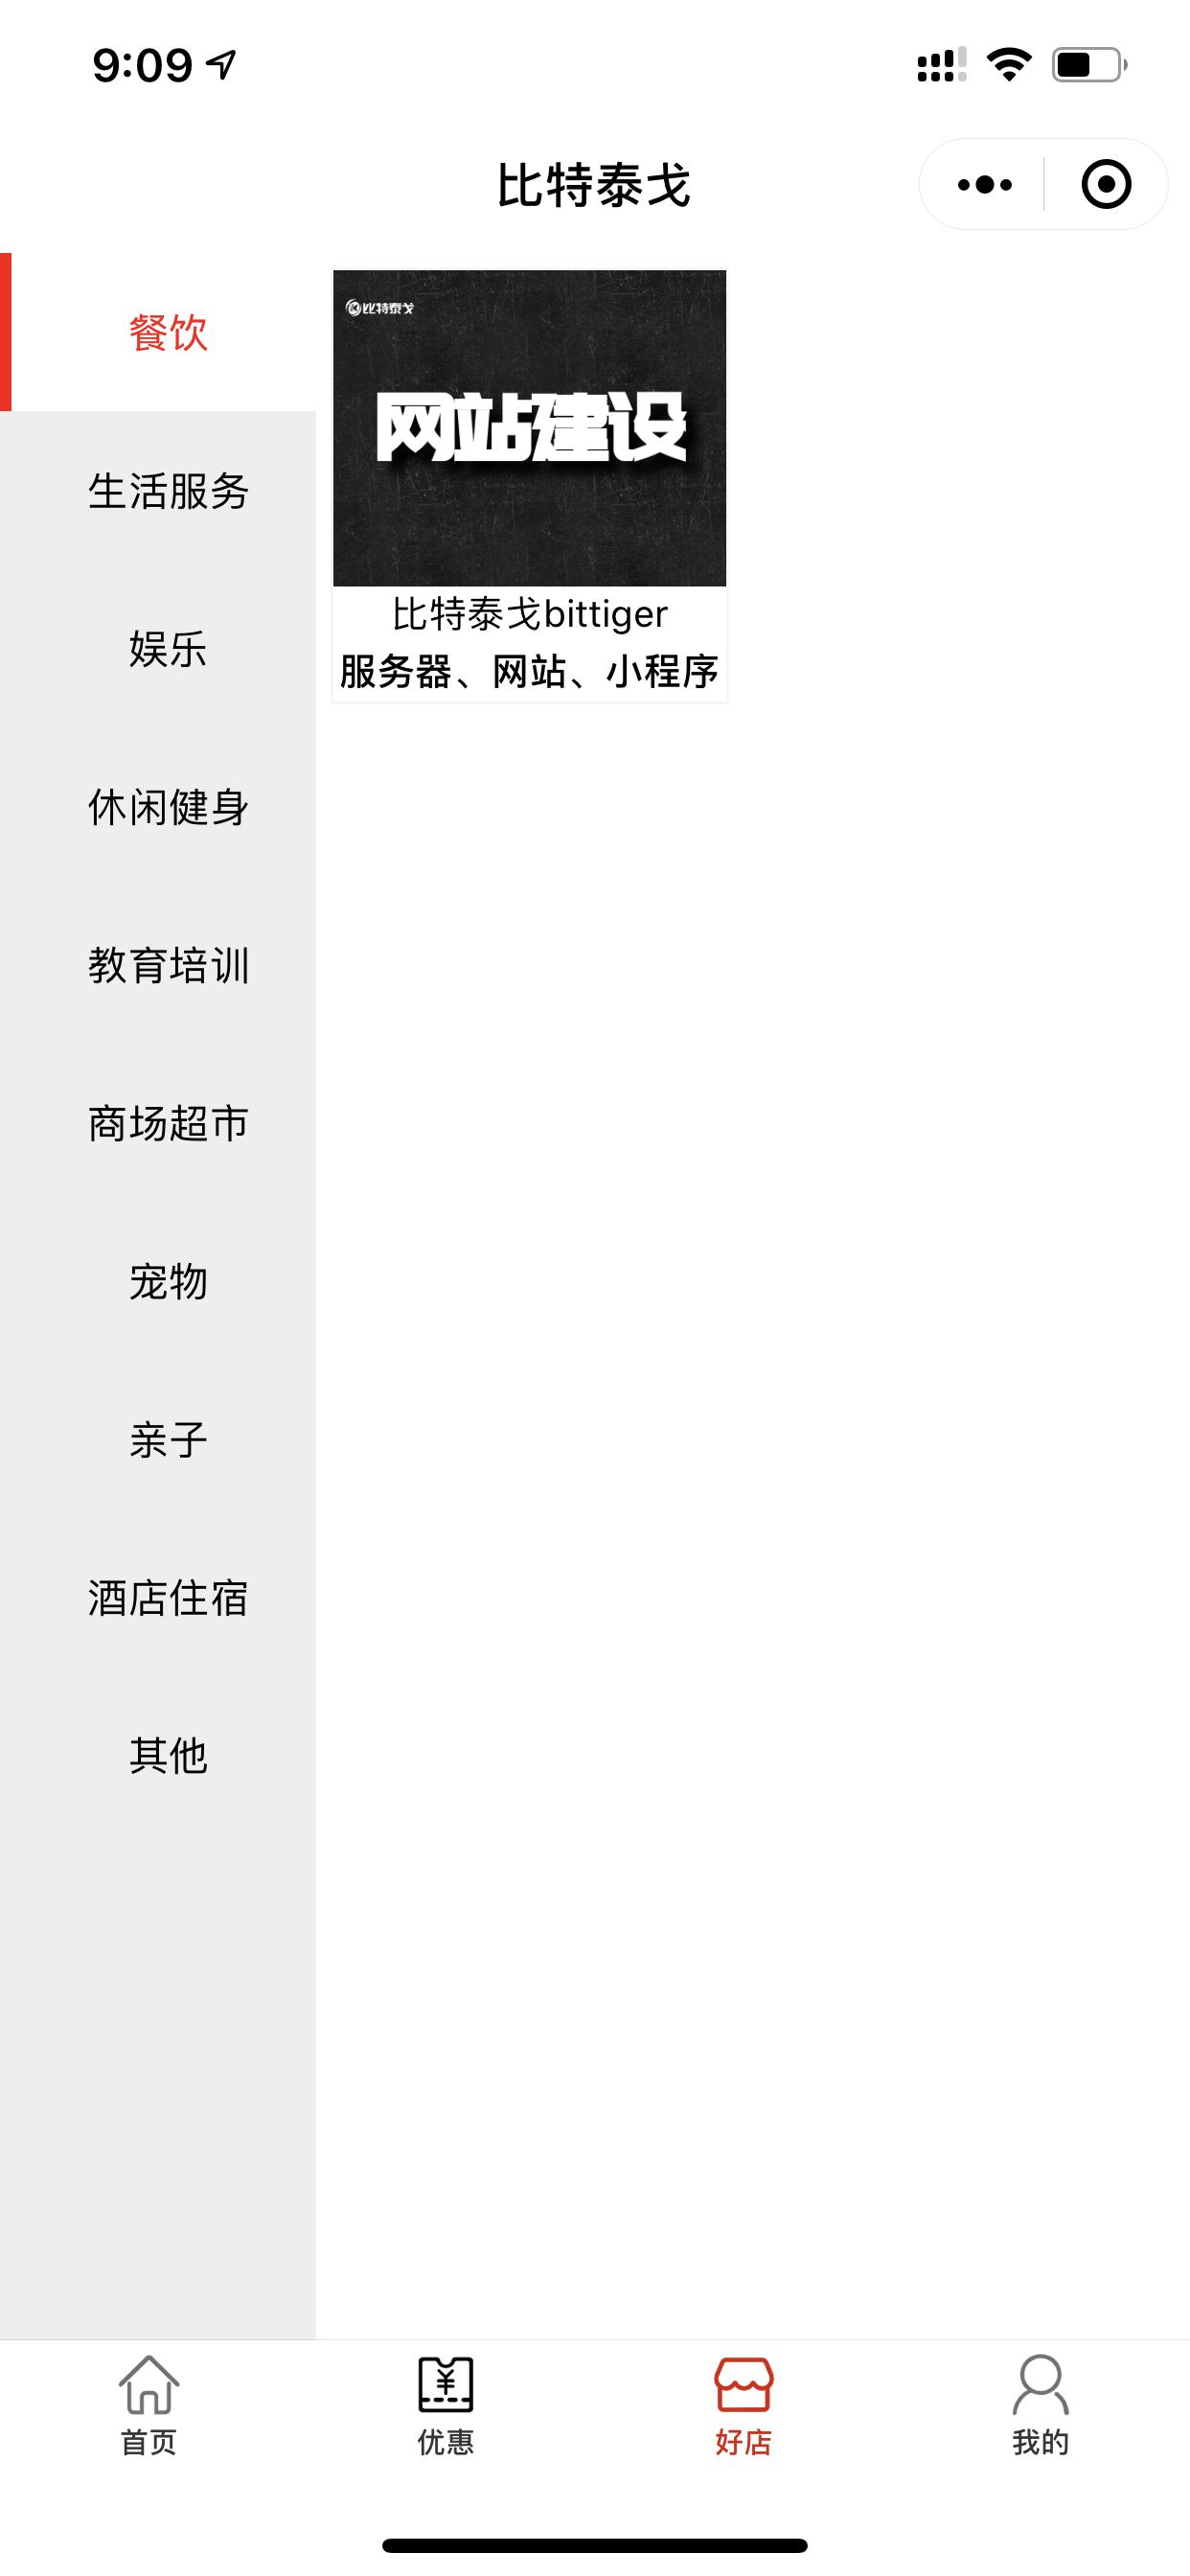 合作伙伴华为云服务器_华为云服务相关-天津恺乐云计算服务有限公司